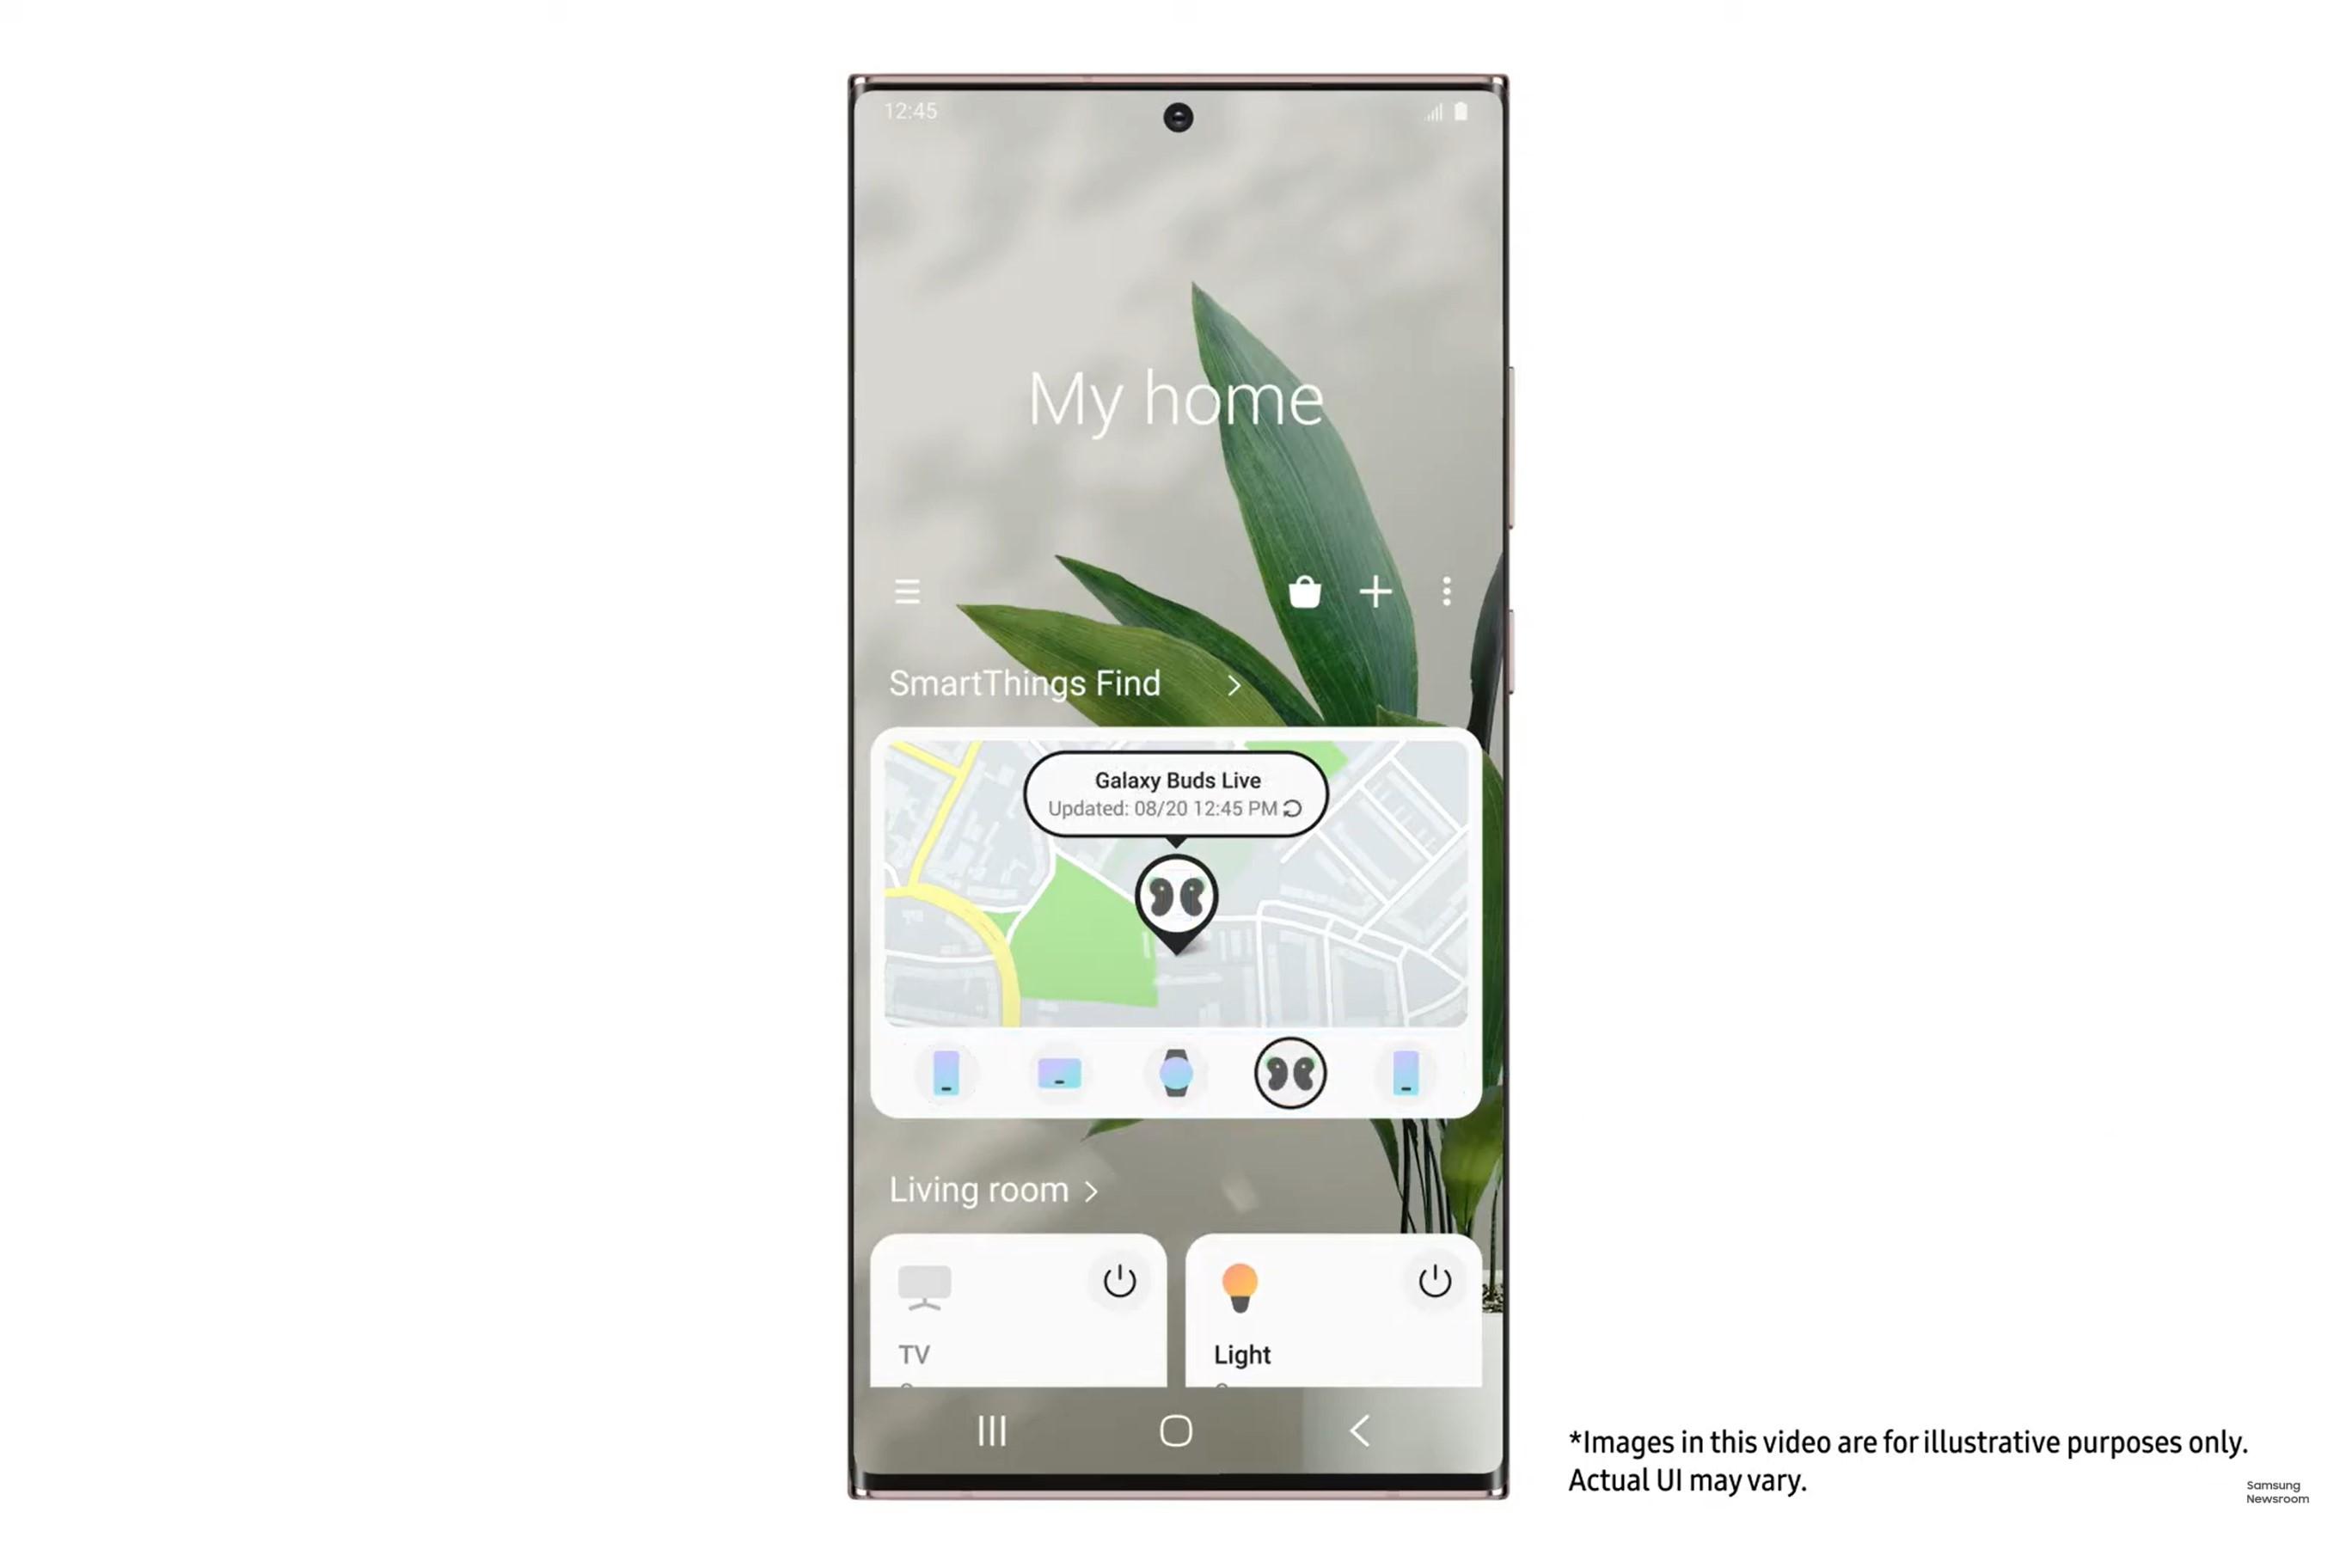 Samsung wprowadza SmartThings Find, które pomoże zlokalizować zagubione urządzenia Galaxy